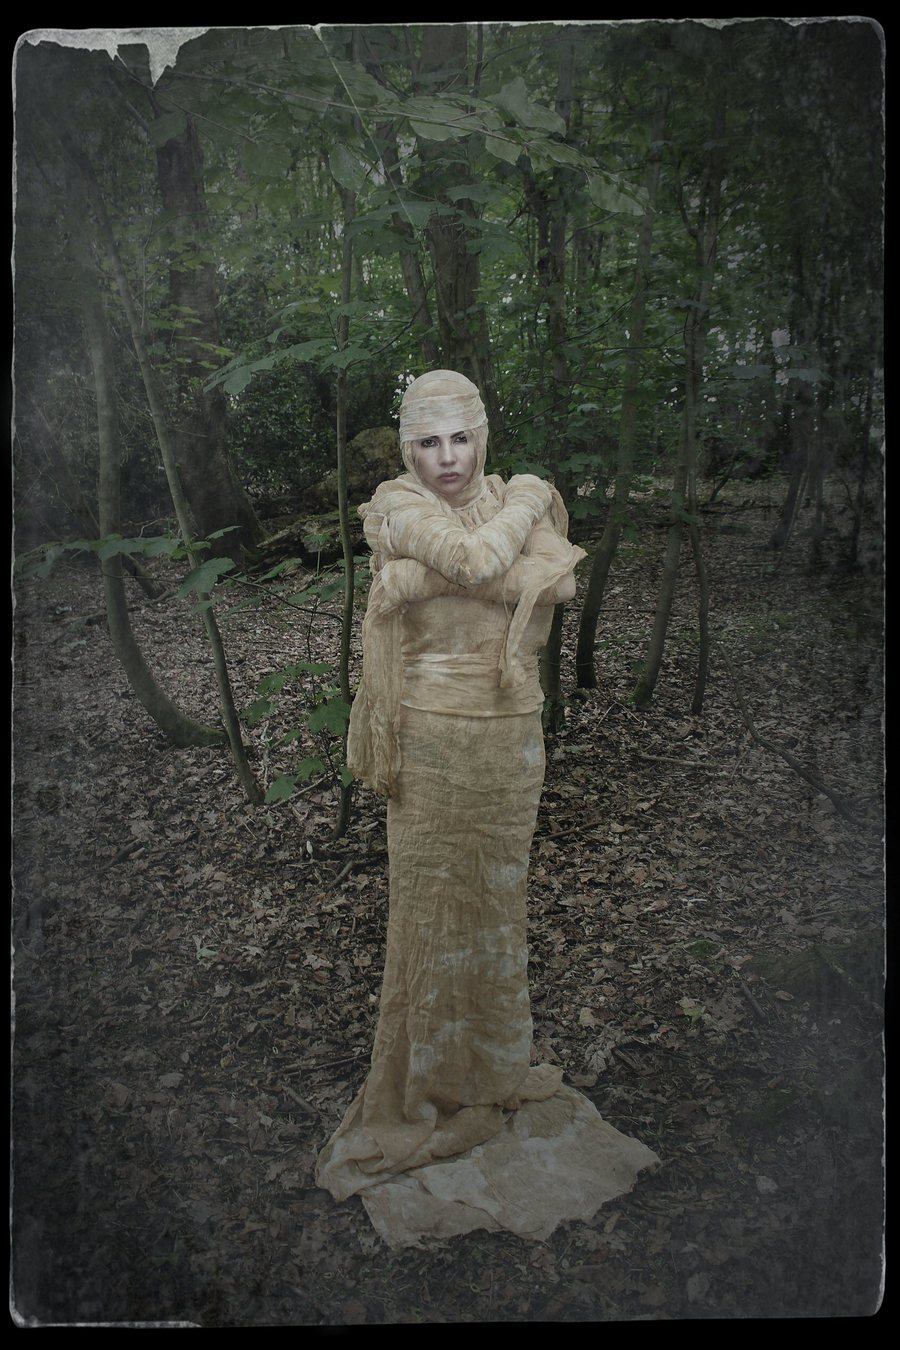 Wraith / Photography by Draken, Stylist Draken, Designer Draken / Uploaded 9th June 2018 @ 07:48 AM